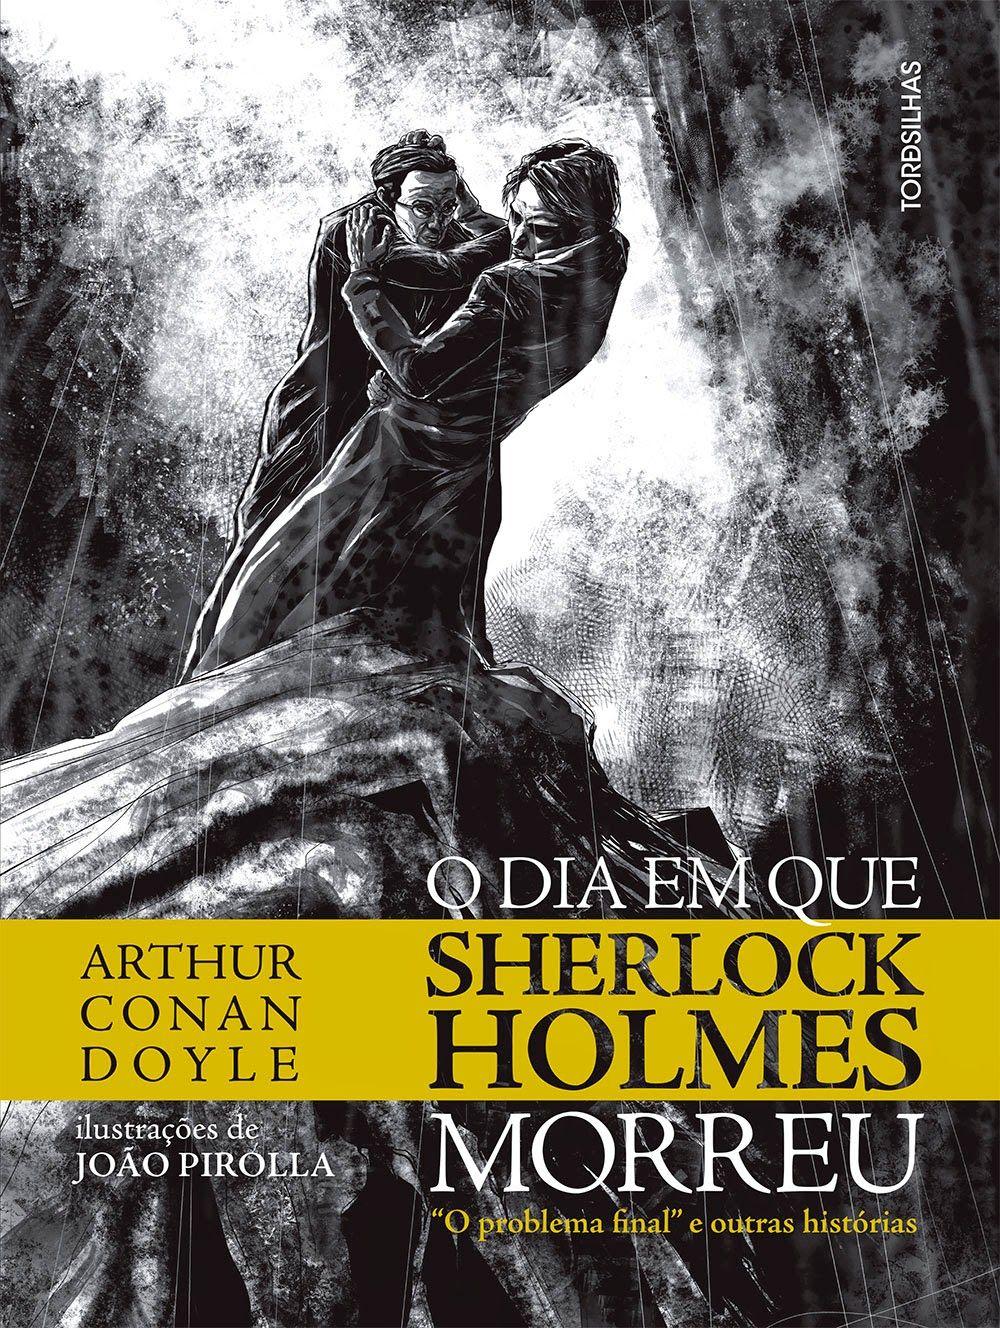 O Dia Em Que Sherlock Holmes Morreu Arthur Conan Doyle Sherlock